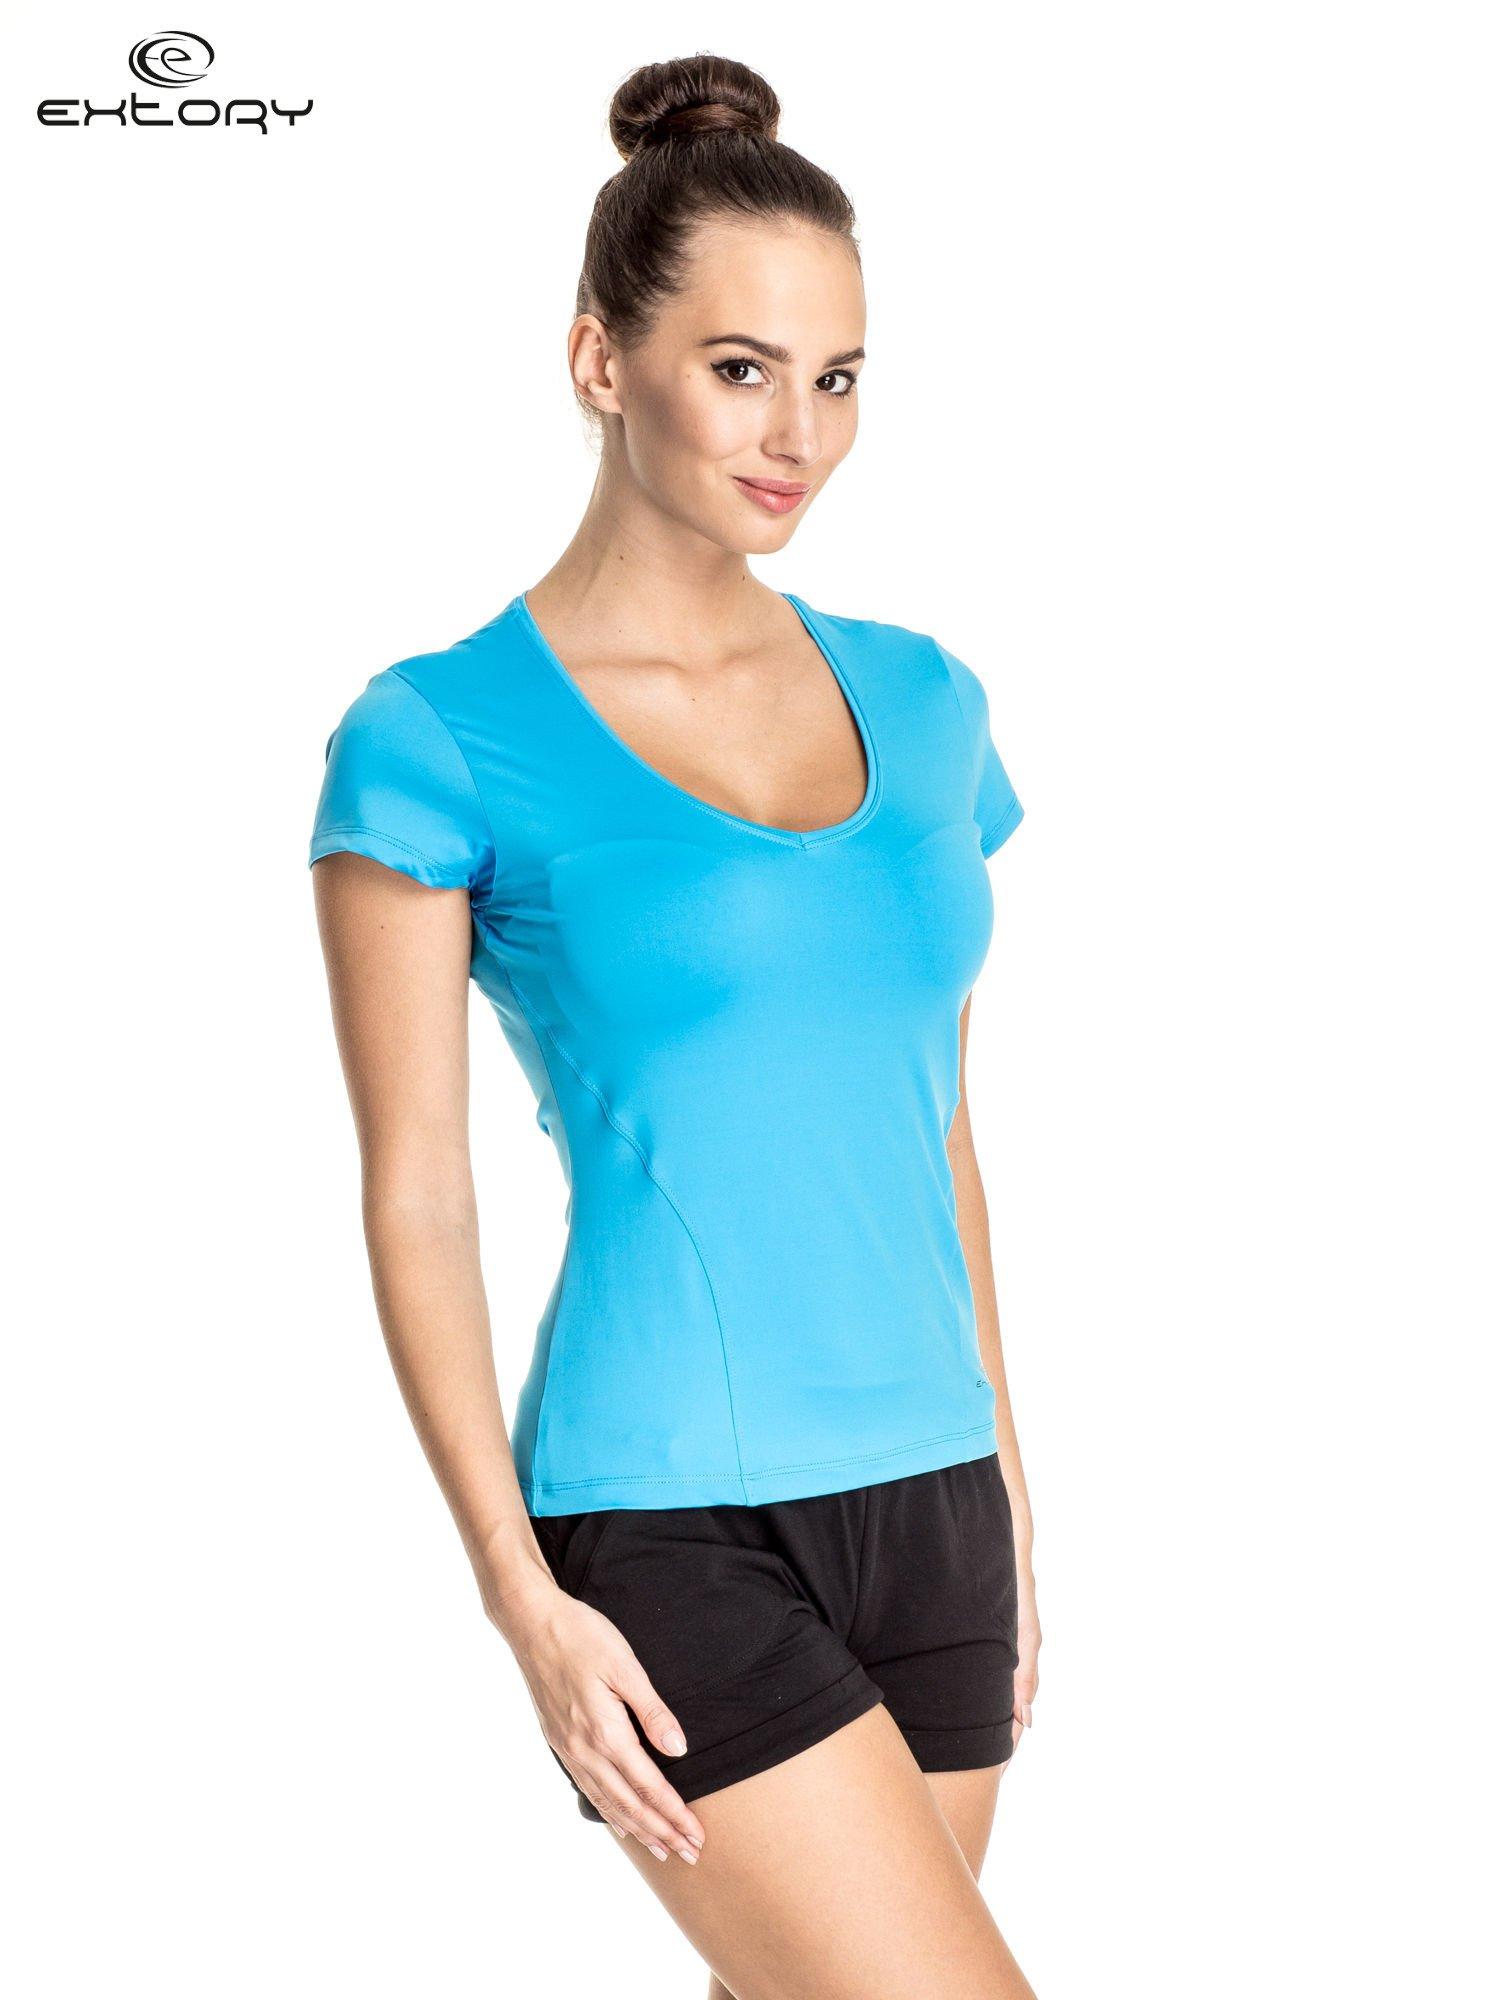 Niebieski t-shirt sportowy z dekoltem U                                  zdj.                                  3